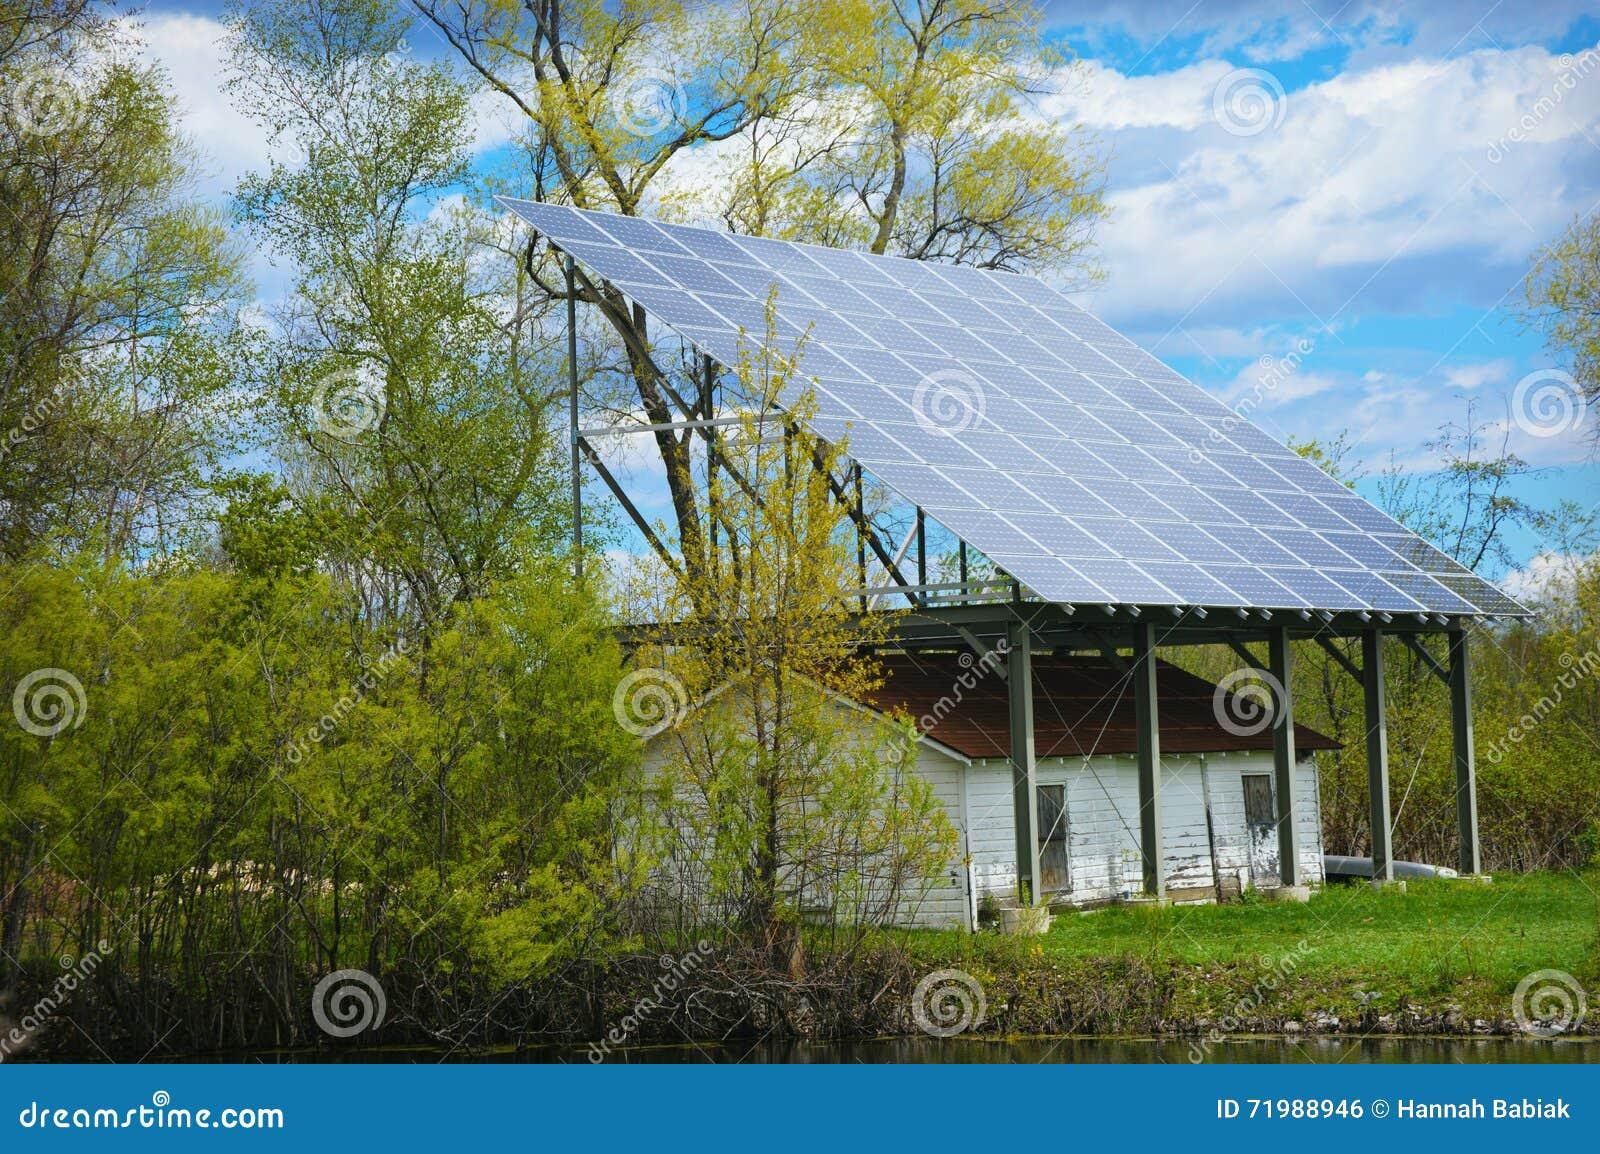 απομονωμένο επιτροπής ηλιακό λευκό ήλιων ενεργειακής χέρι